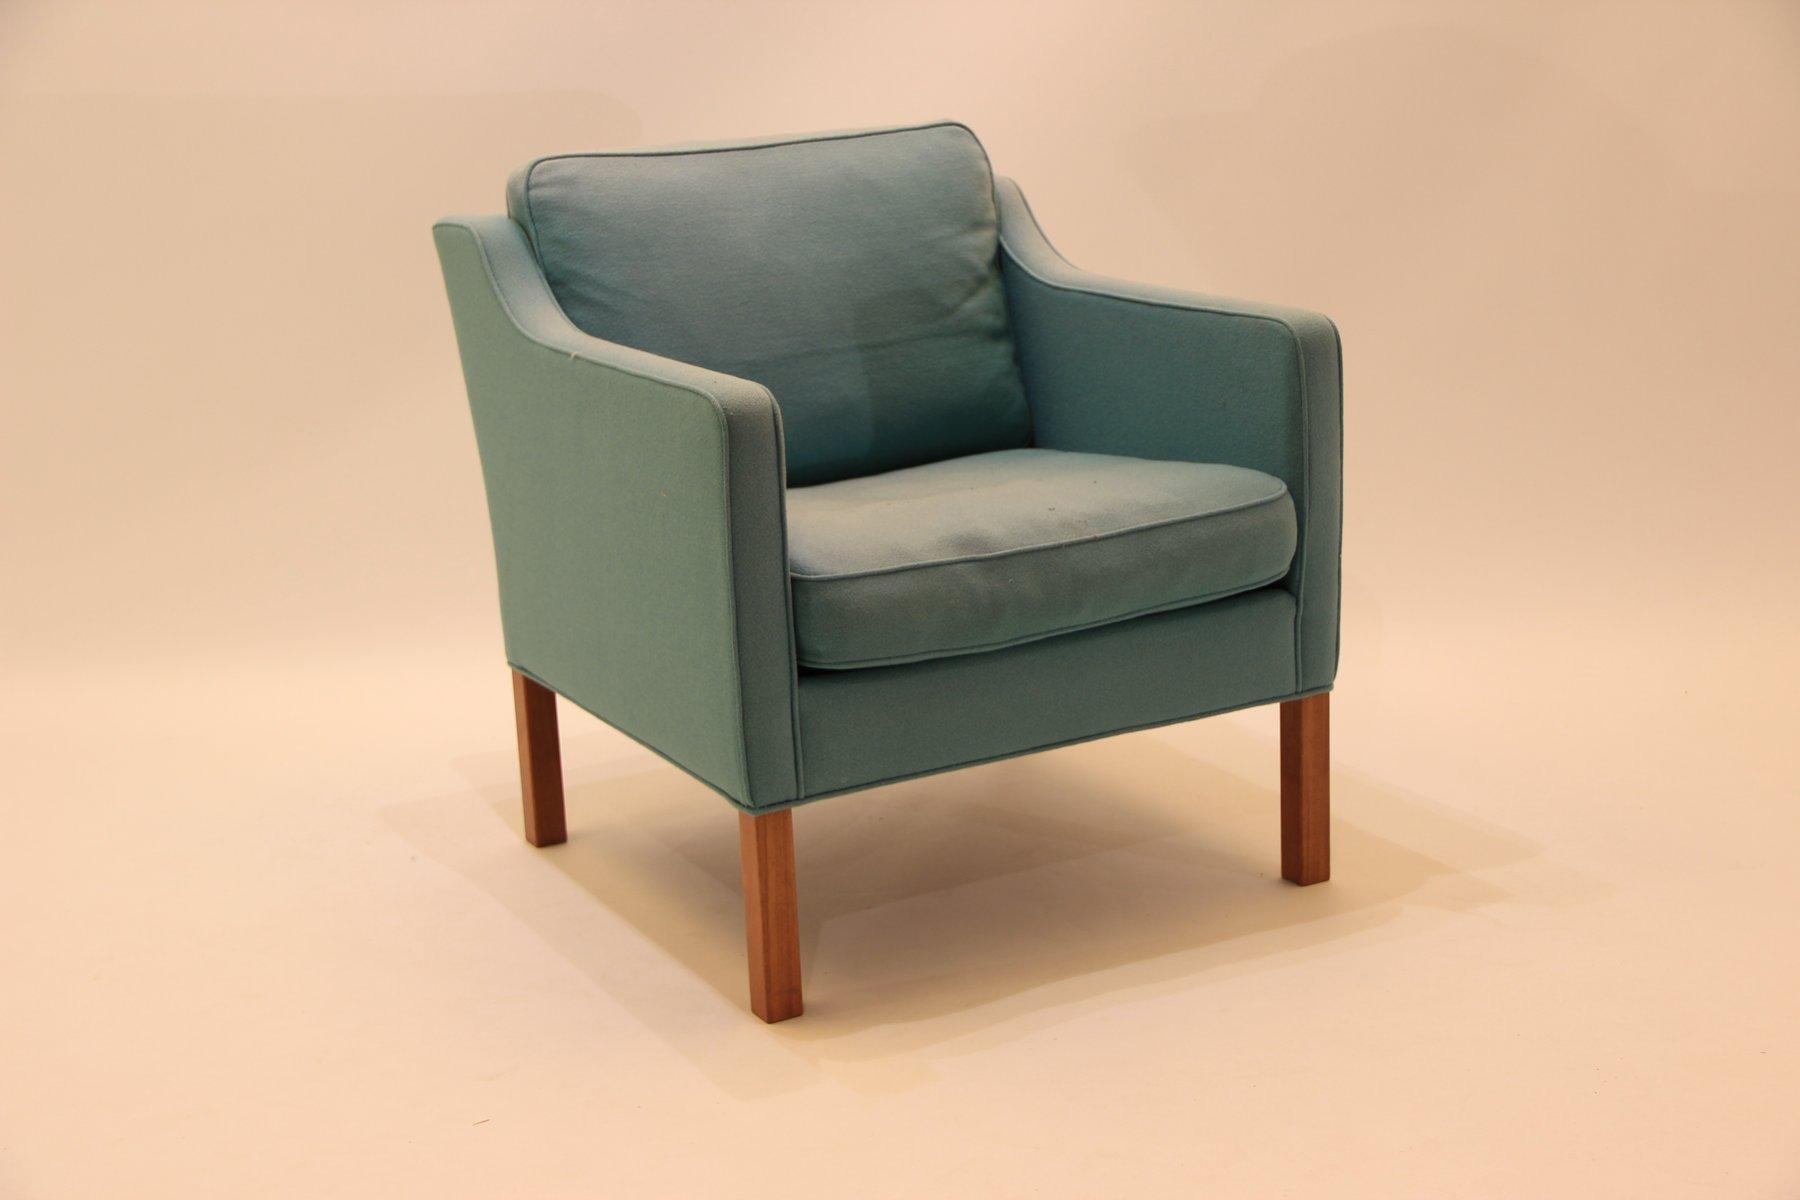 mid century 2521 sessel von b rge mogensen f r fredericia bei pamono kaufen. Black Bedroom Furniture Sets. Home Design Ideas